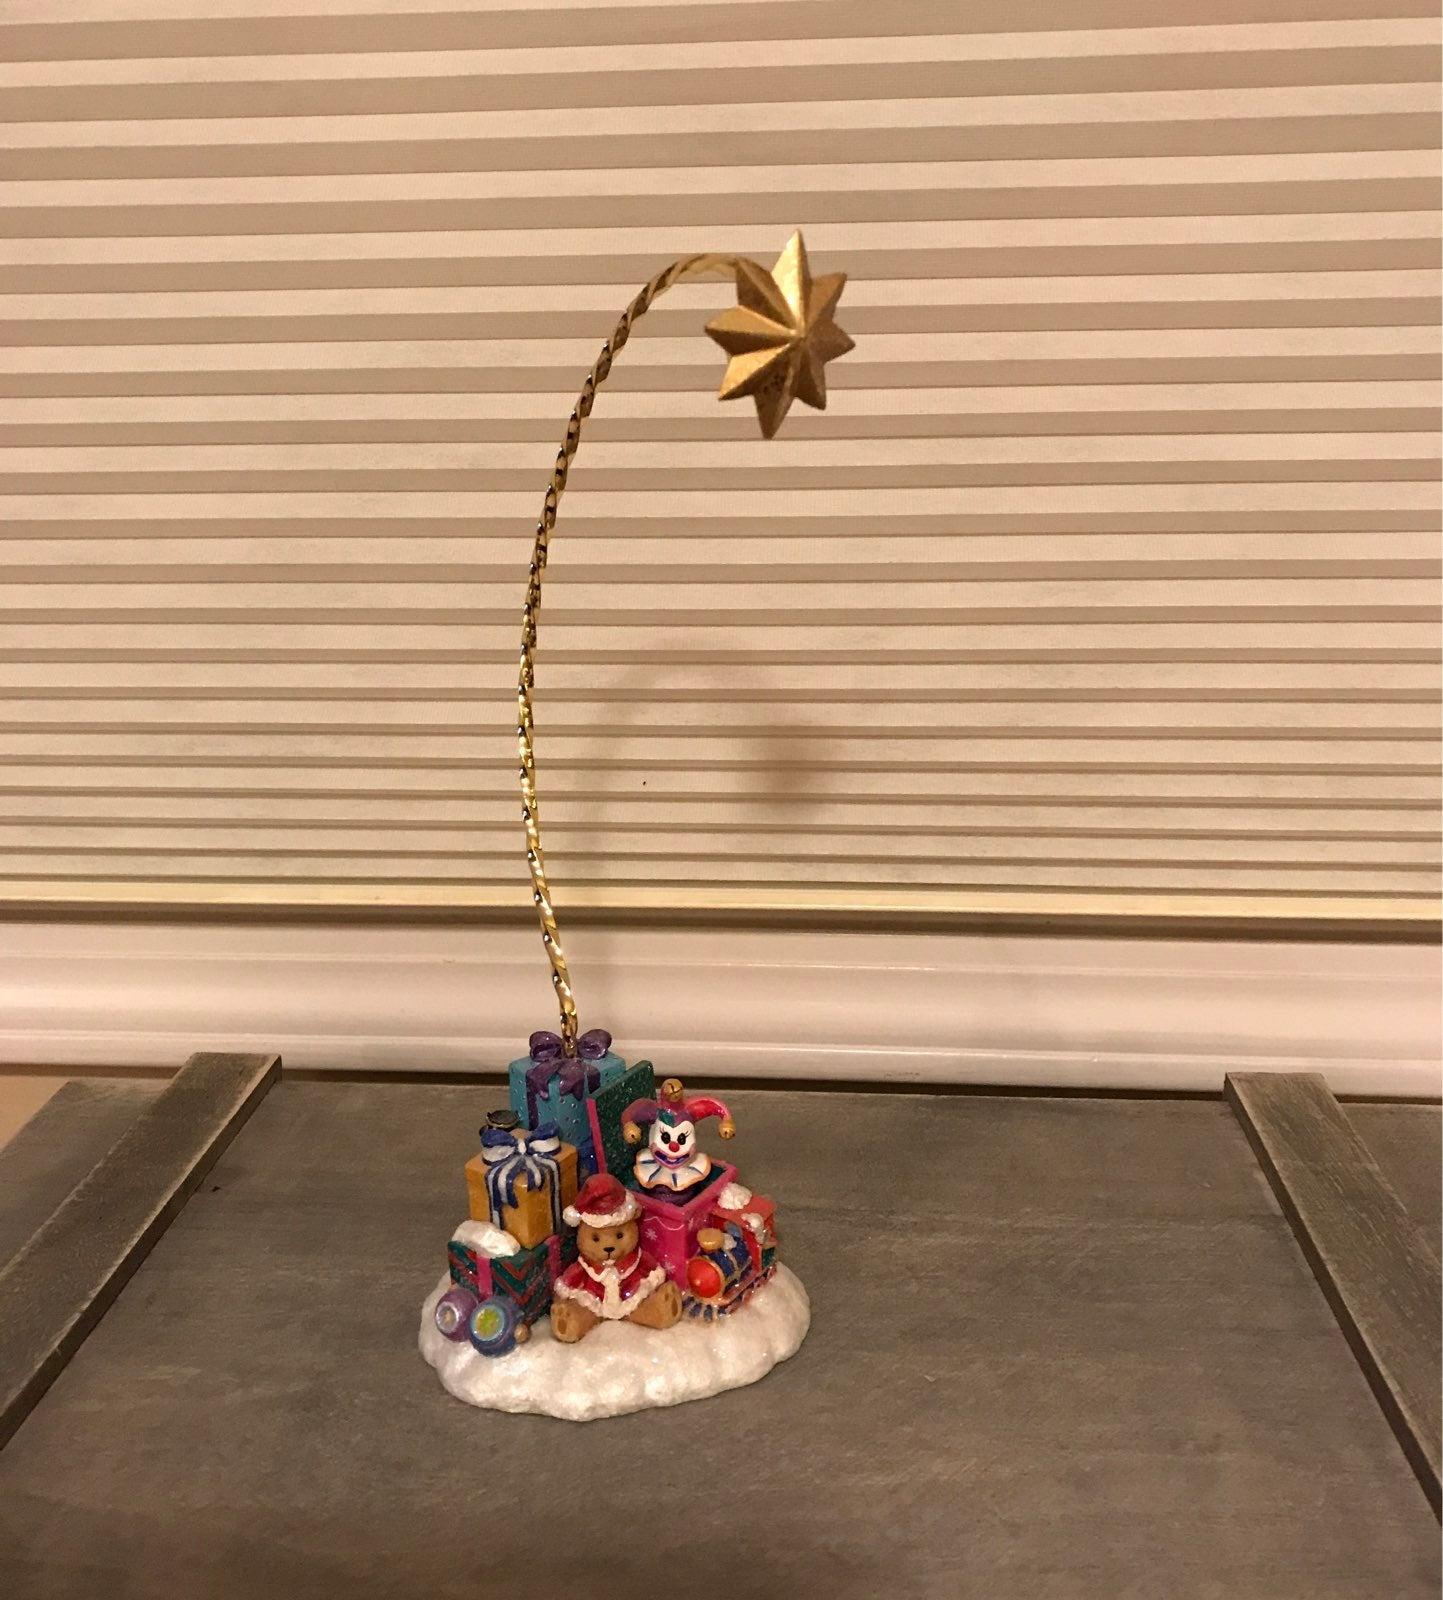 christopher radko ornament hanger